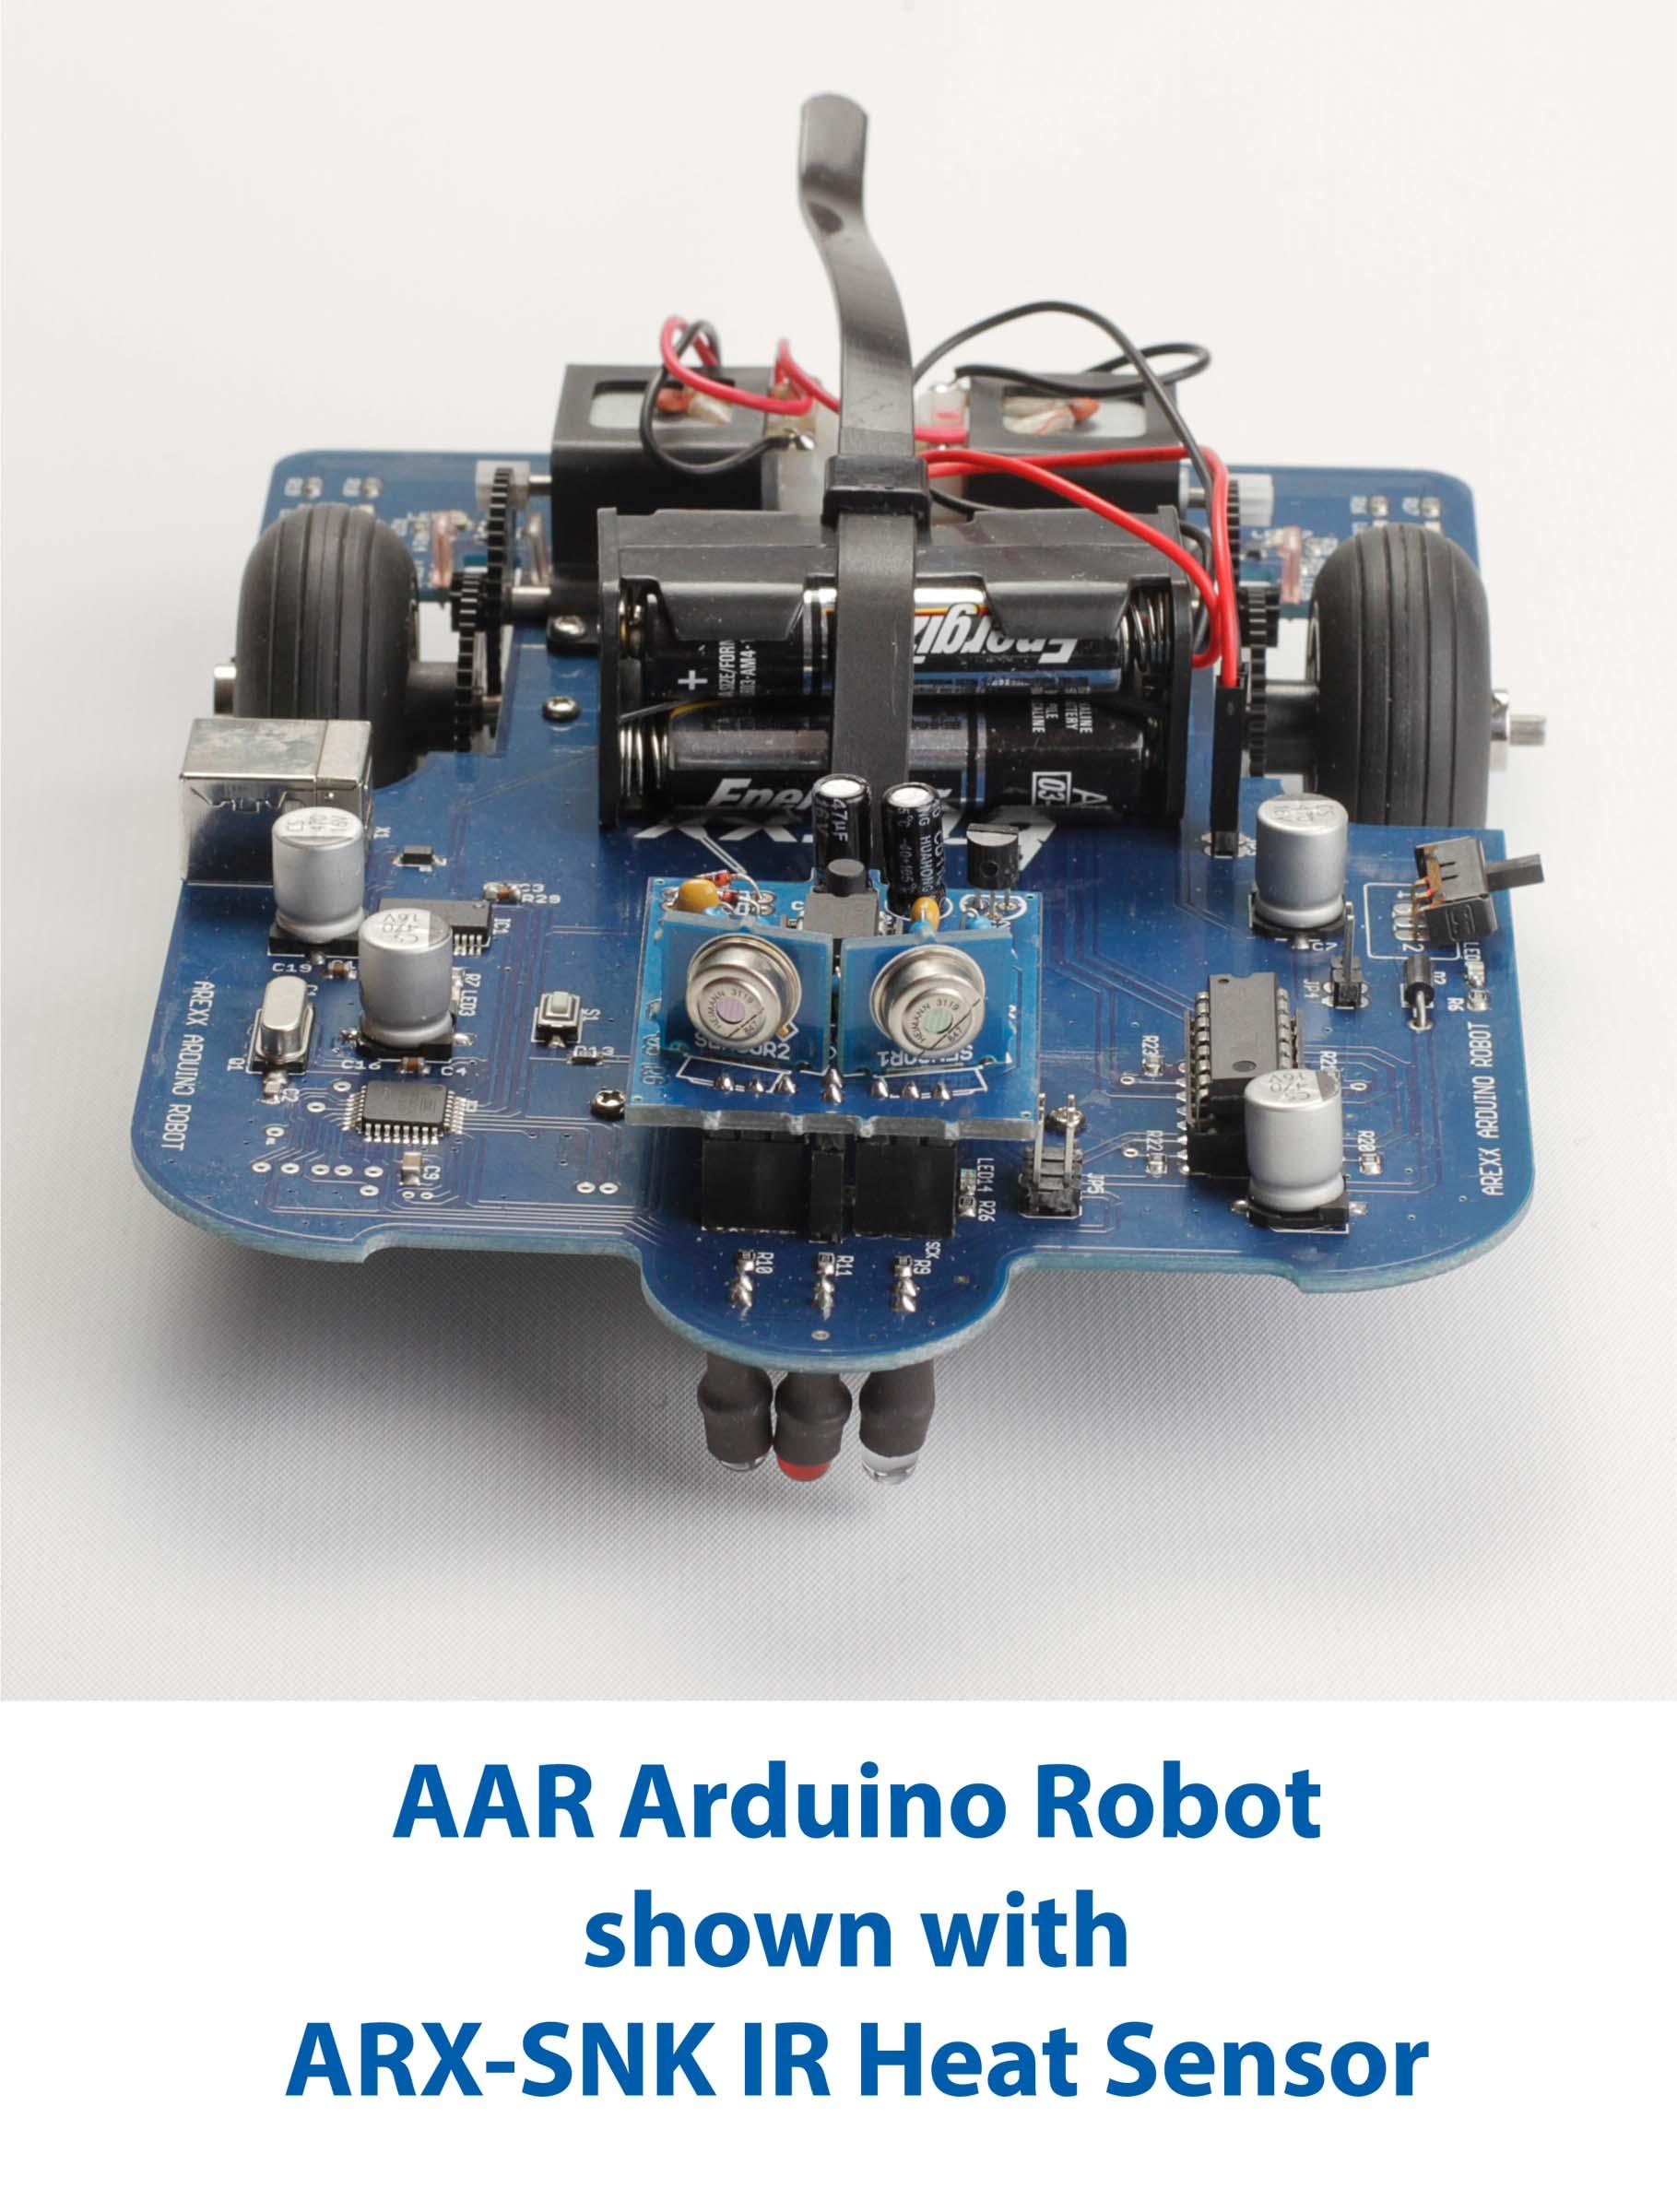 Global Specialties ARX-SNK ARX IR Heat Sensor Photo